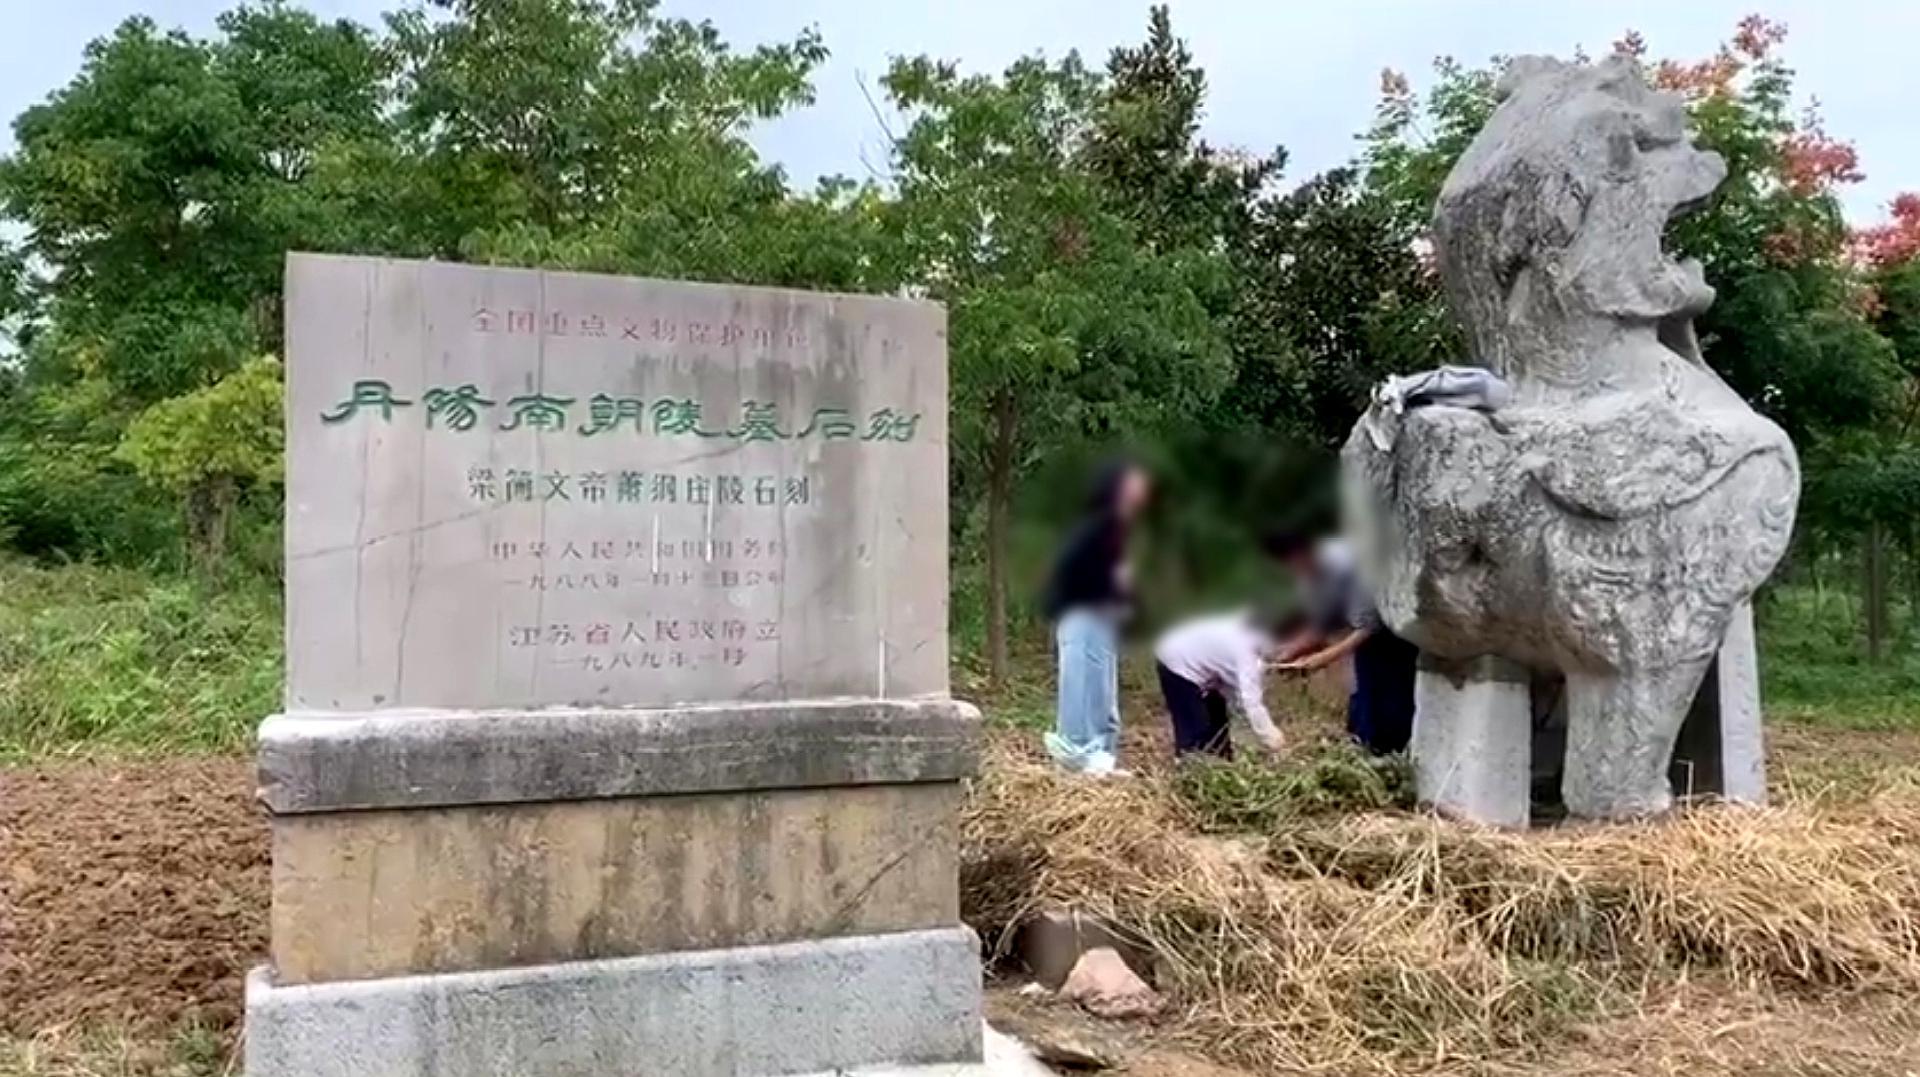 1500岁南朝石刻遭高校师生非法拓印 带队老师道歉:不知违法